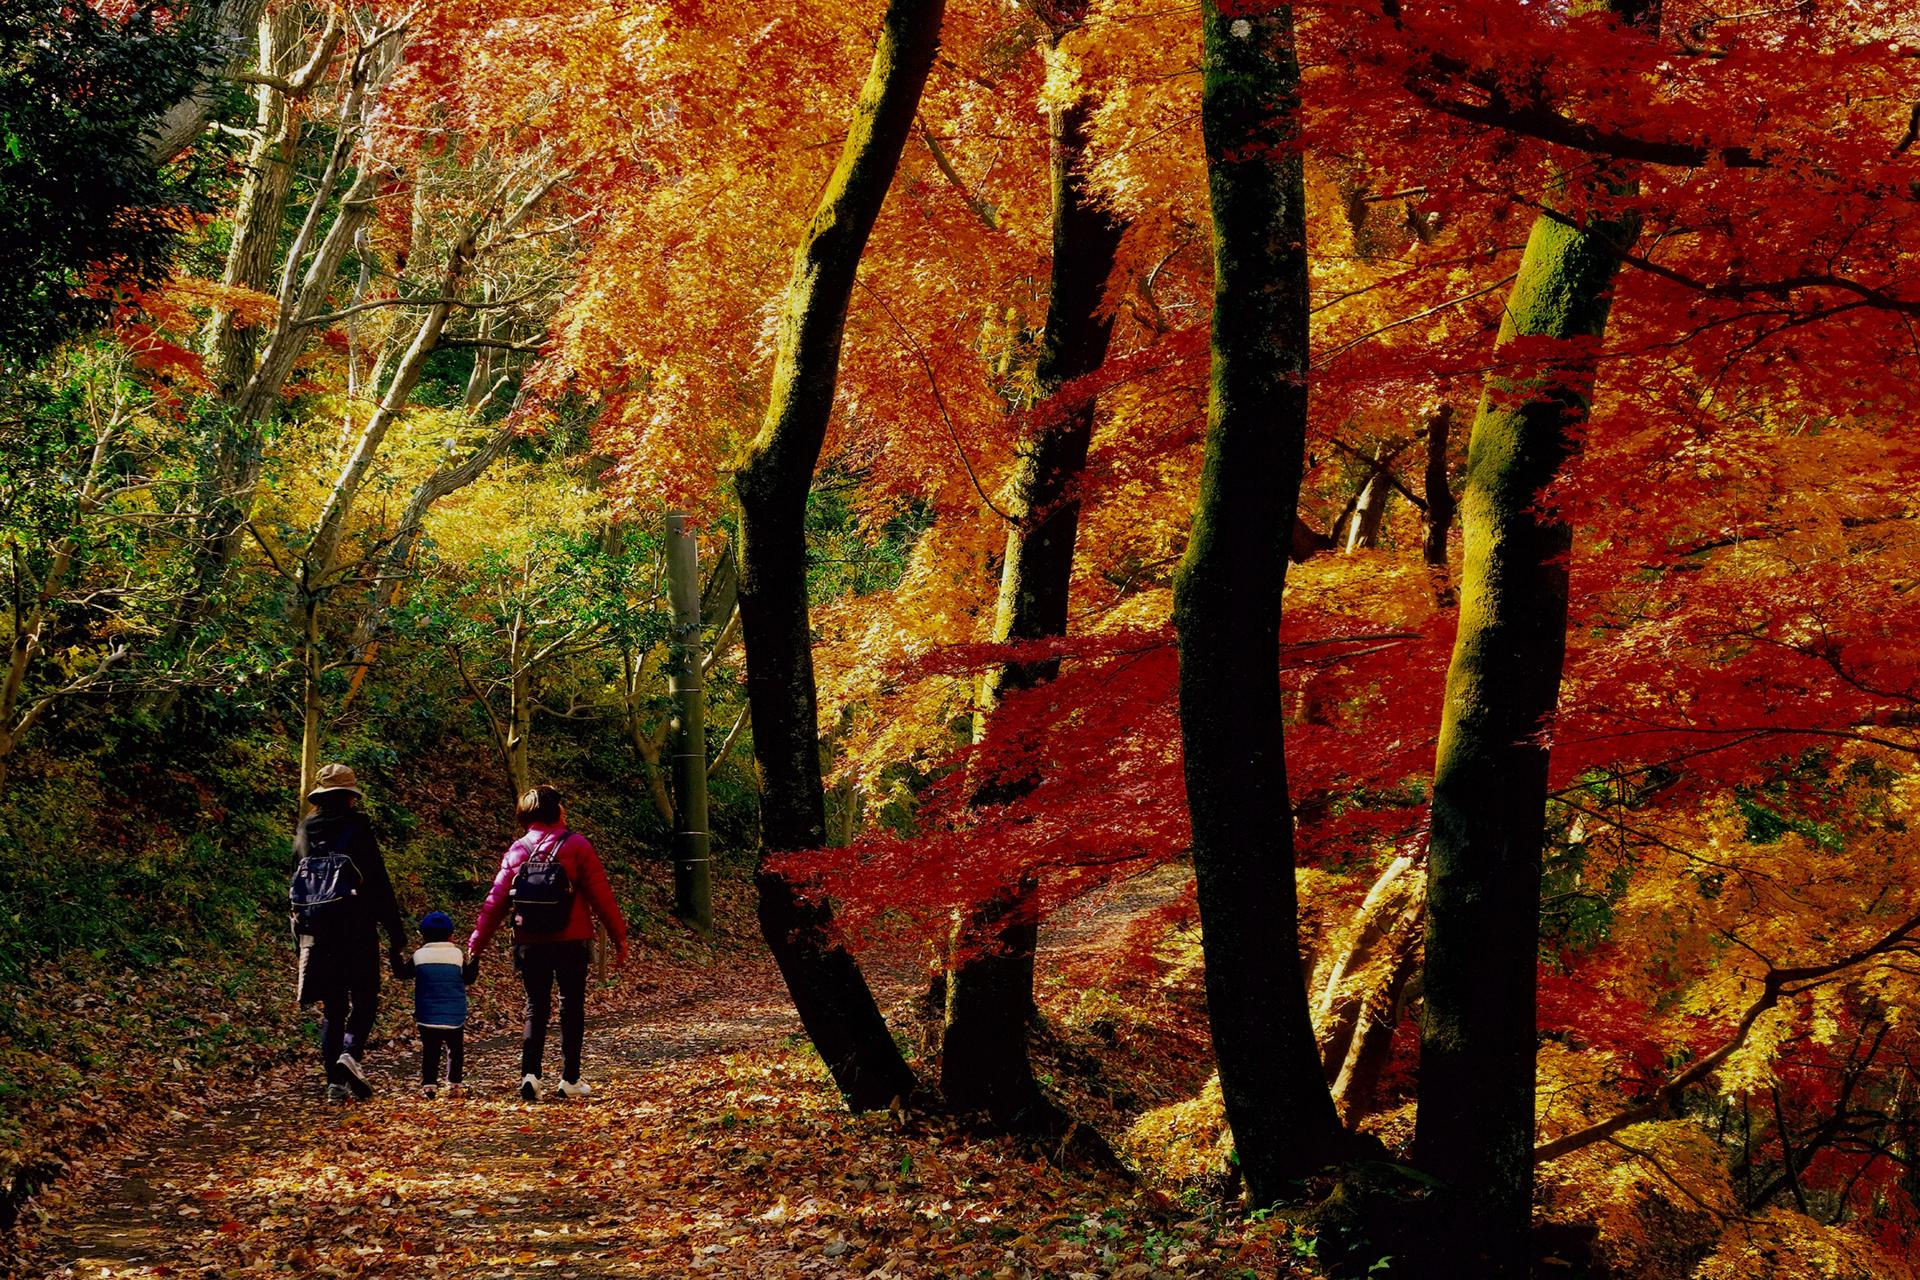 23-1 ビギナーにもおすすめ!日帰りでも楽しめる関東の絶景登山・ハイキングスポット10選